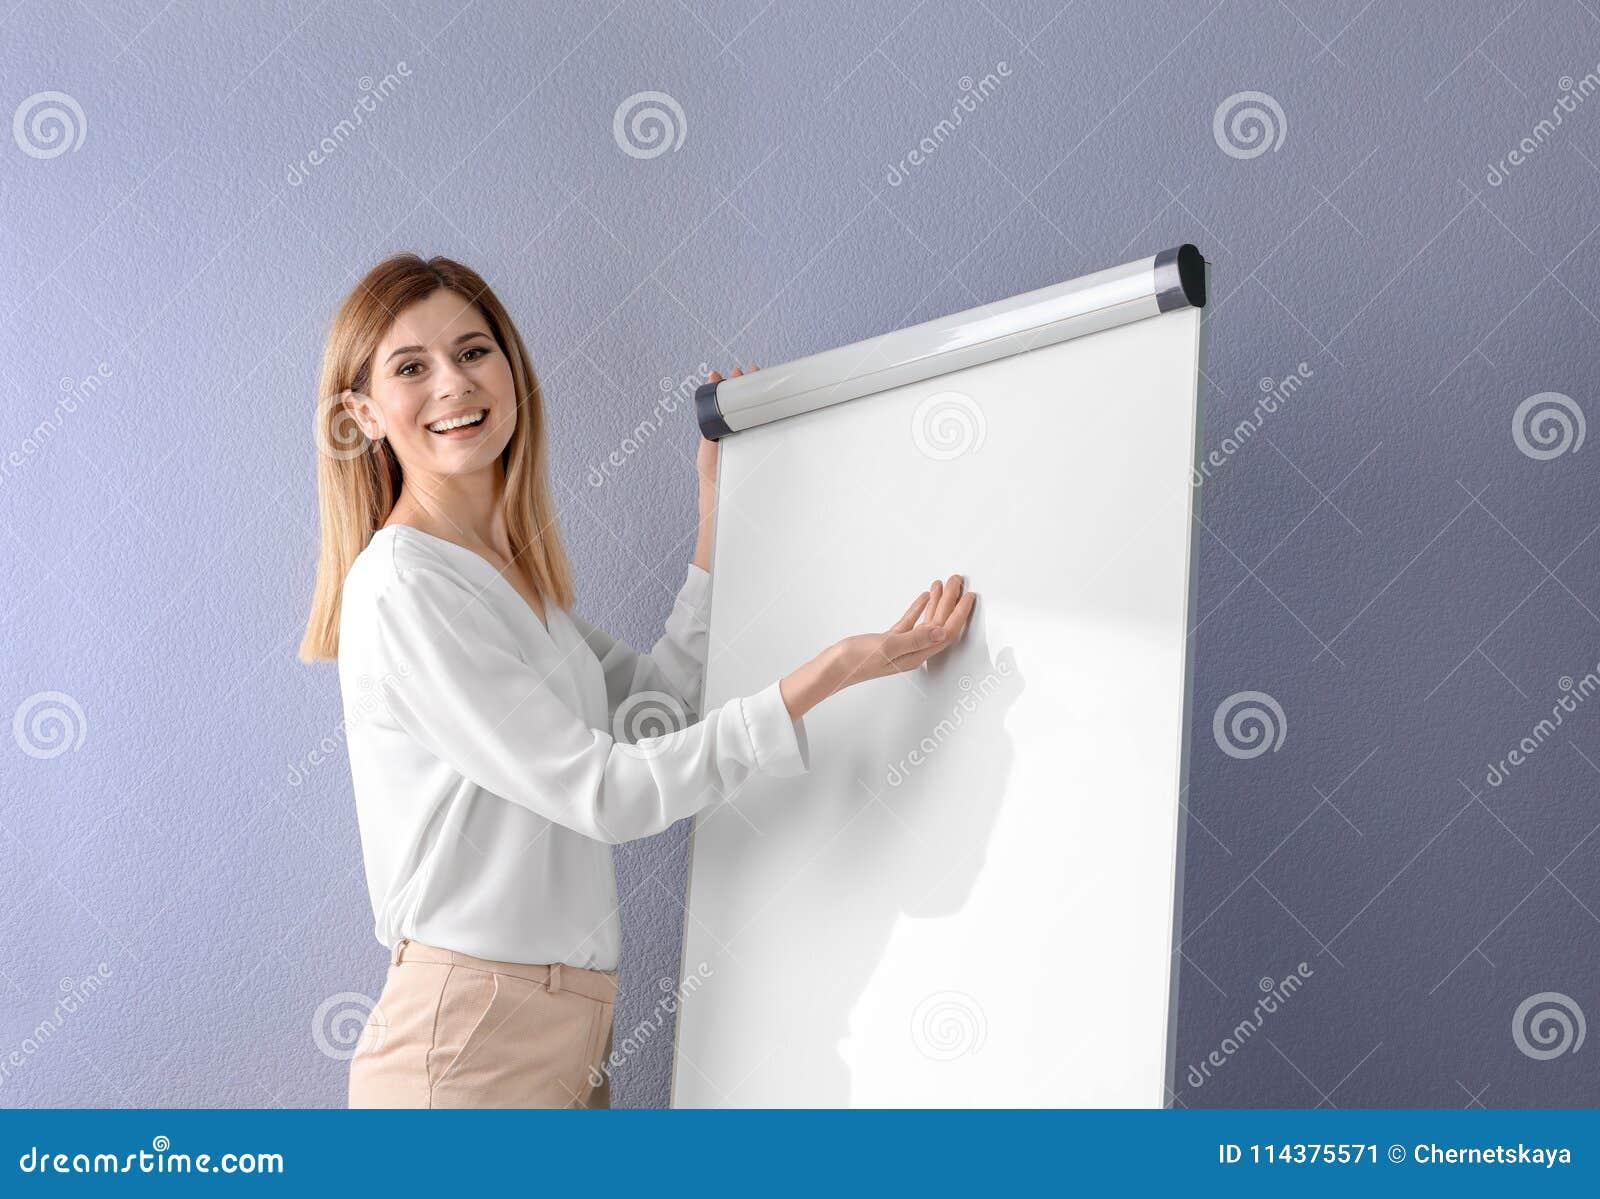 给介绍的女性企业教练员